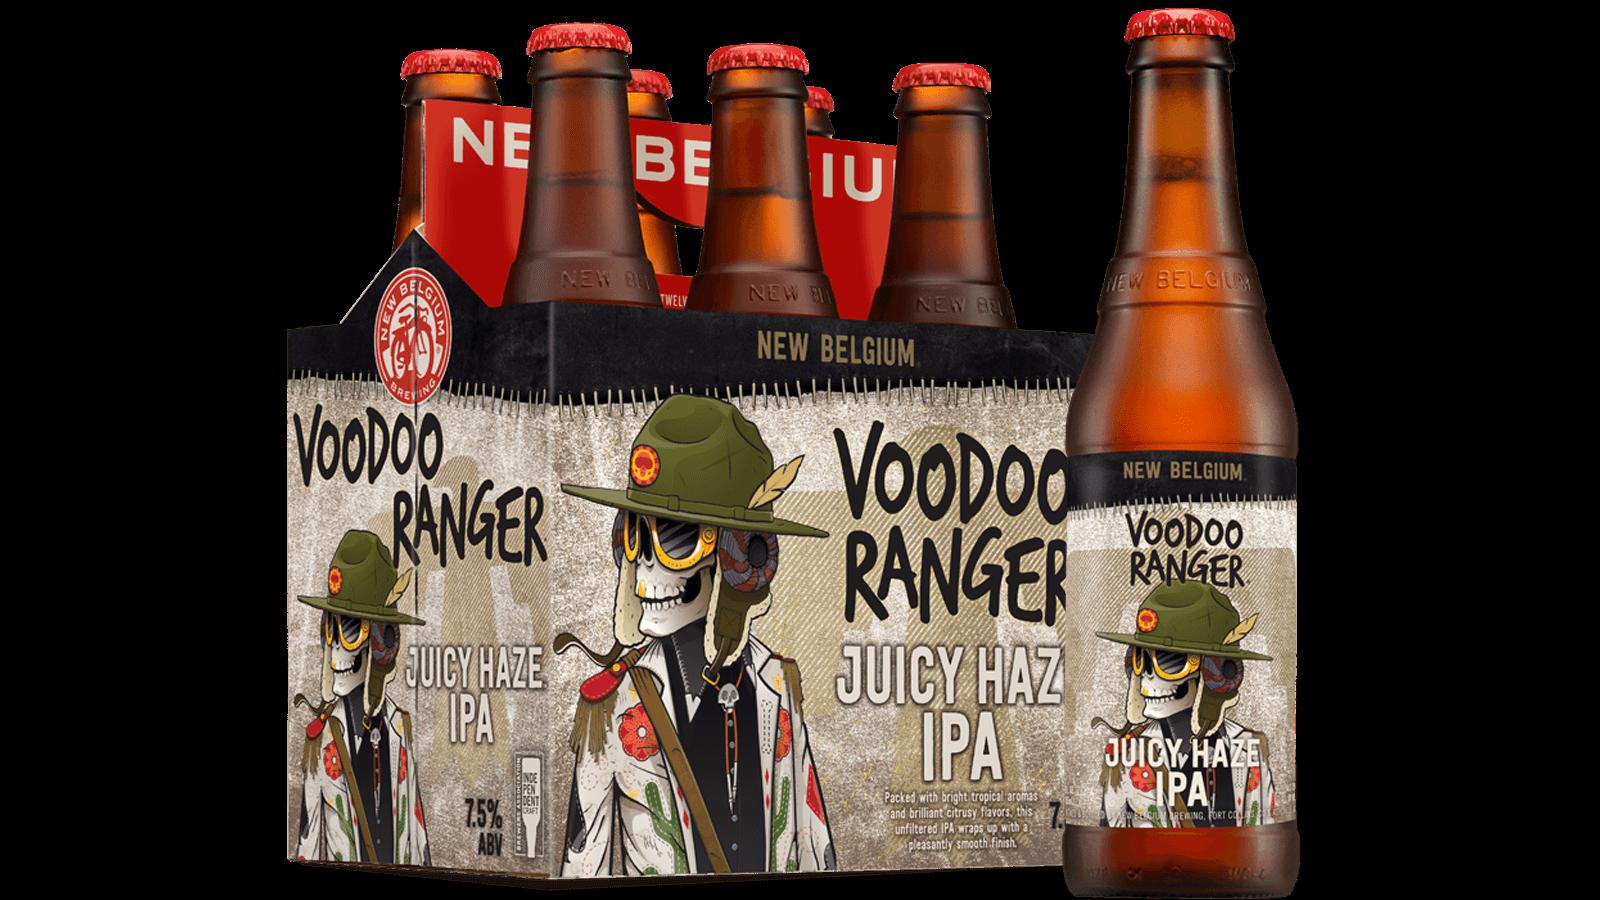 Voodoo Ranger Juicy Haze Ipa New Belgium Brewing